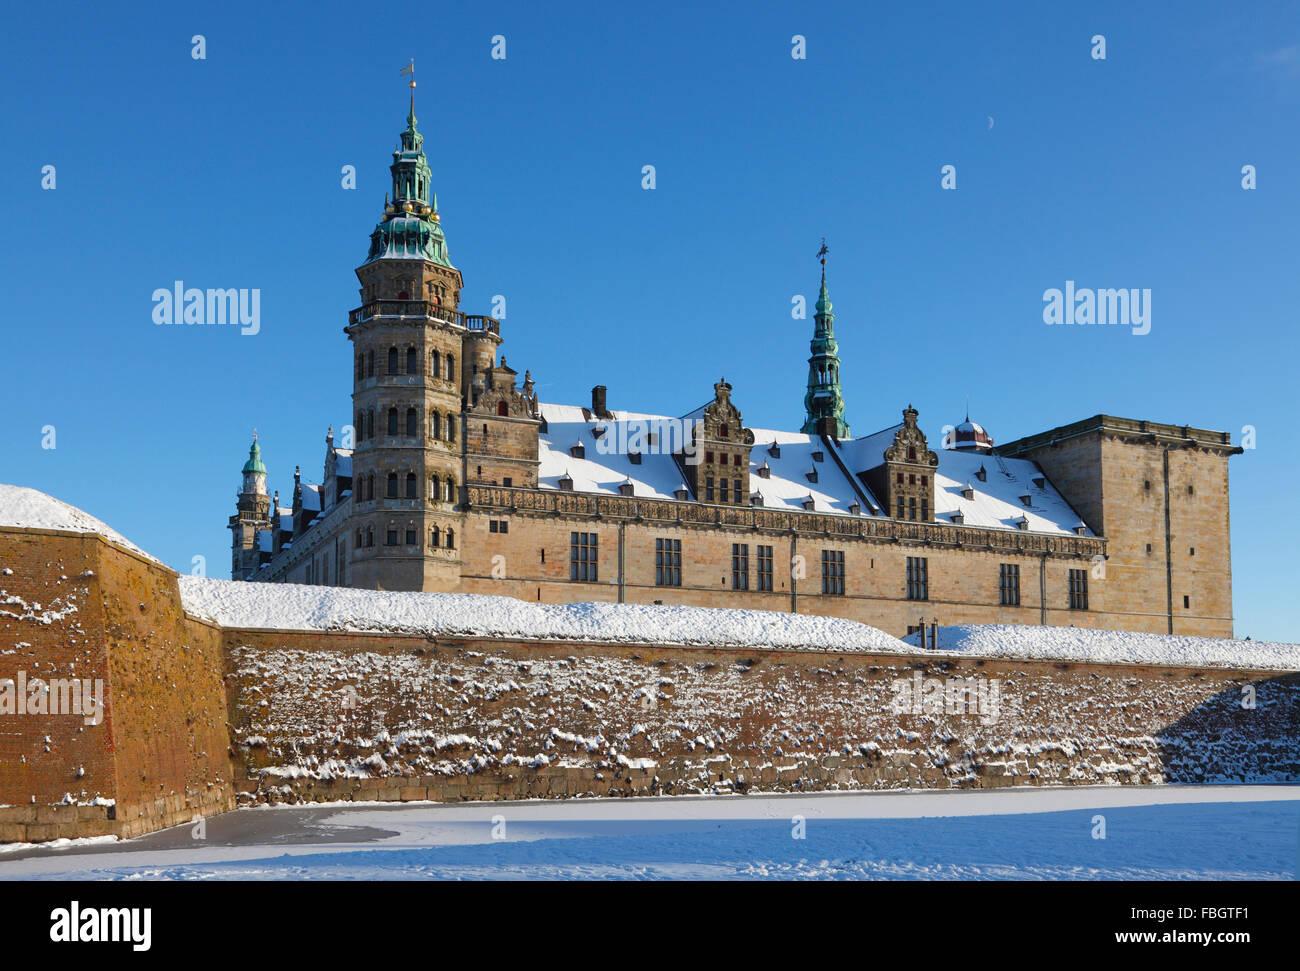 Le Château de Kronborg à Elseneur, Helsingør, sur une journée d'hiver ensoleillée, congelé douves et un ciel bleu. Banque D'Images